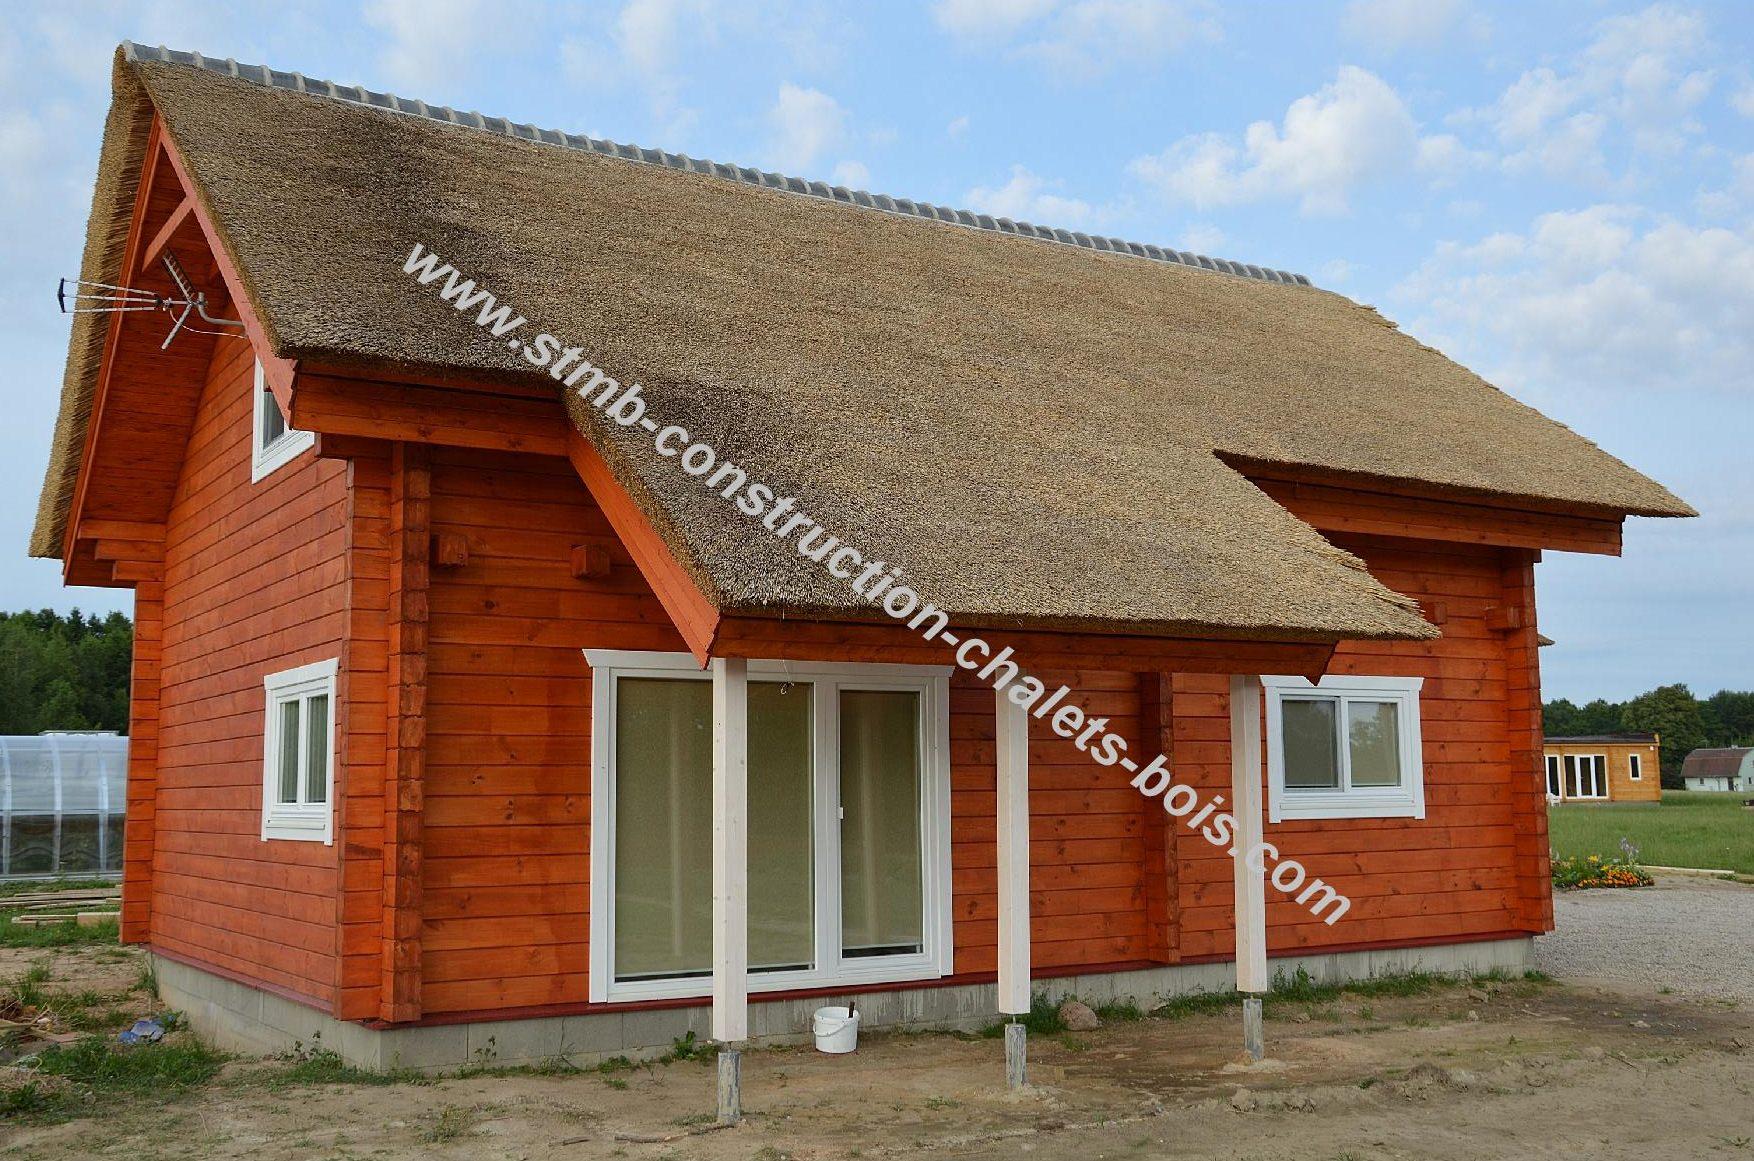 constructeur chalet en bois habitable 28 images fabricant constructeur de kits chalets en  # Constructeur Chalet Bois Habitable